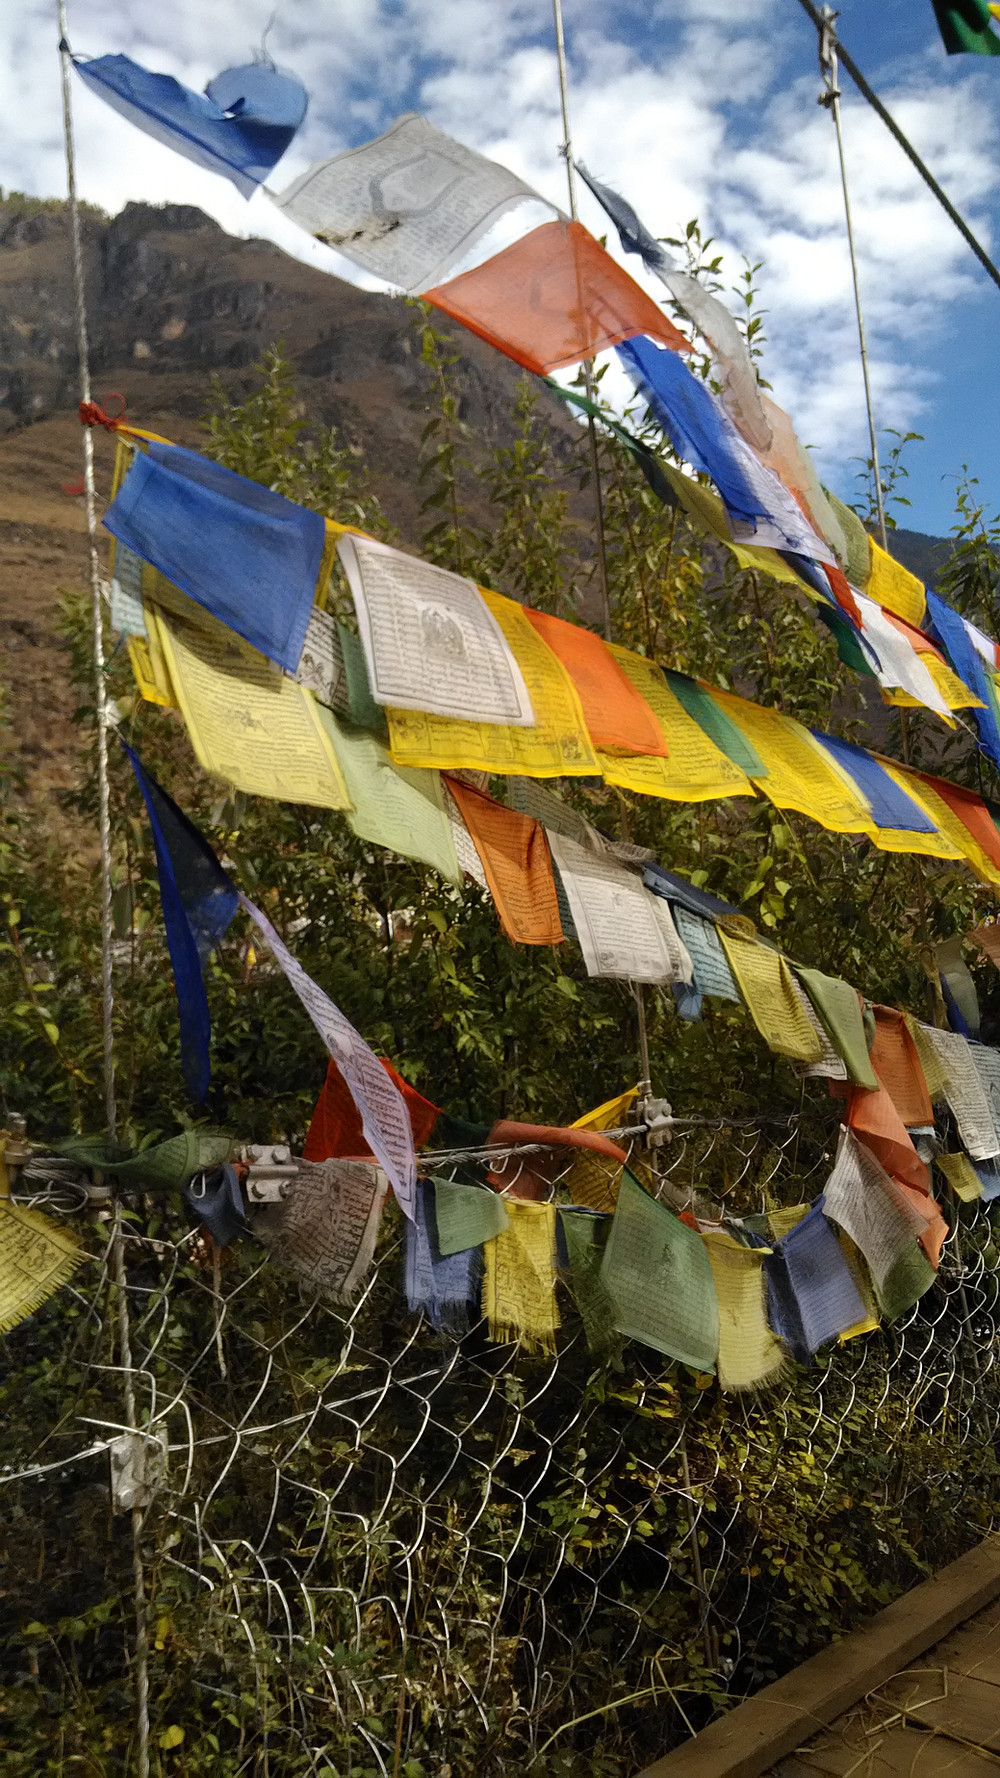 Rukouslippujen keltainen, vihreä, punainen, valkoinen ja sininen kuvaavat maa-, vesi-, tuli-, ilma- ja tilaelementtiä. Liput voivat estää kärsimyksiä, luonnonmullistuksia tai sairauksia – ja muuntaa kielteisiä voimia myönteisiksi. Tarkoitus on luoda olosuhteita, joissa elää luonnon tasapainossa.